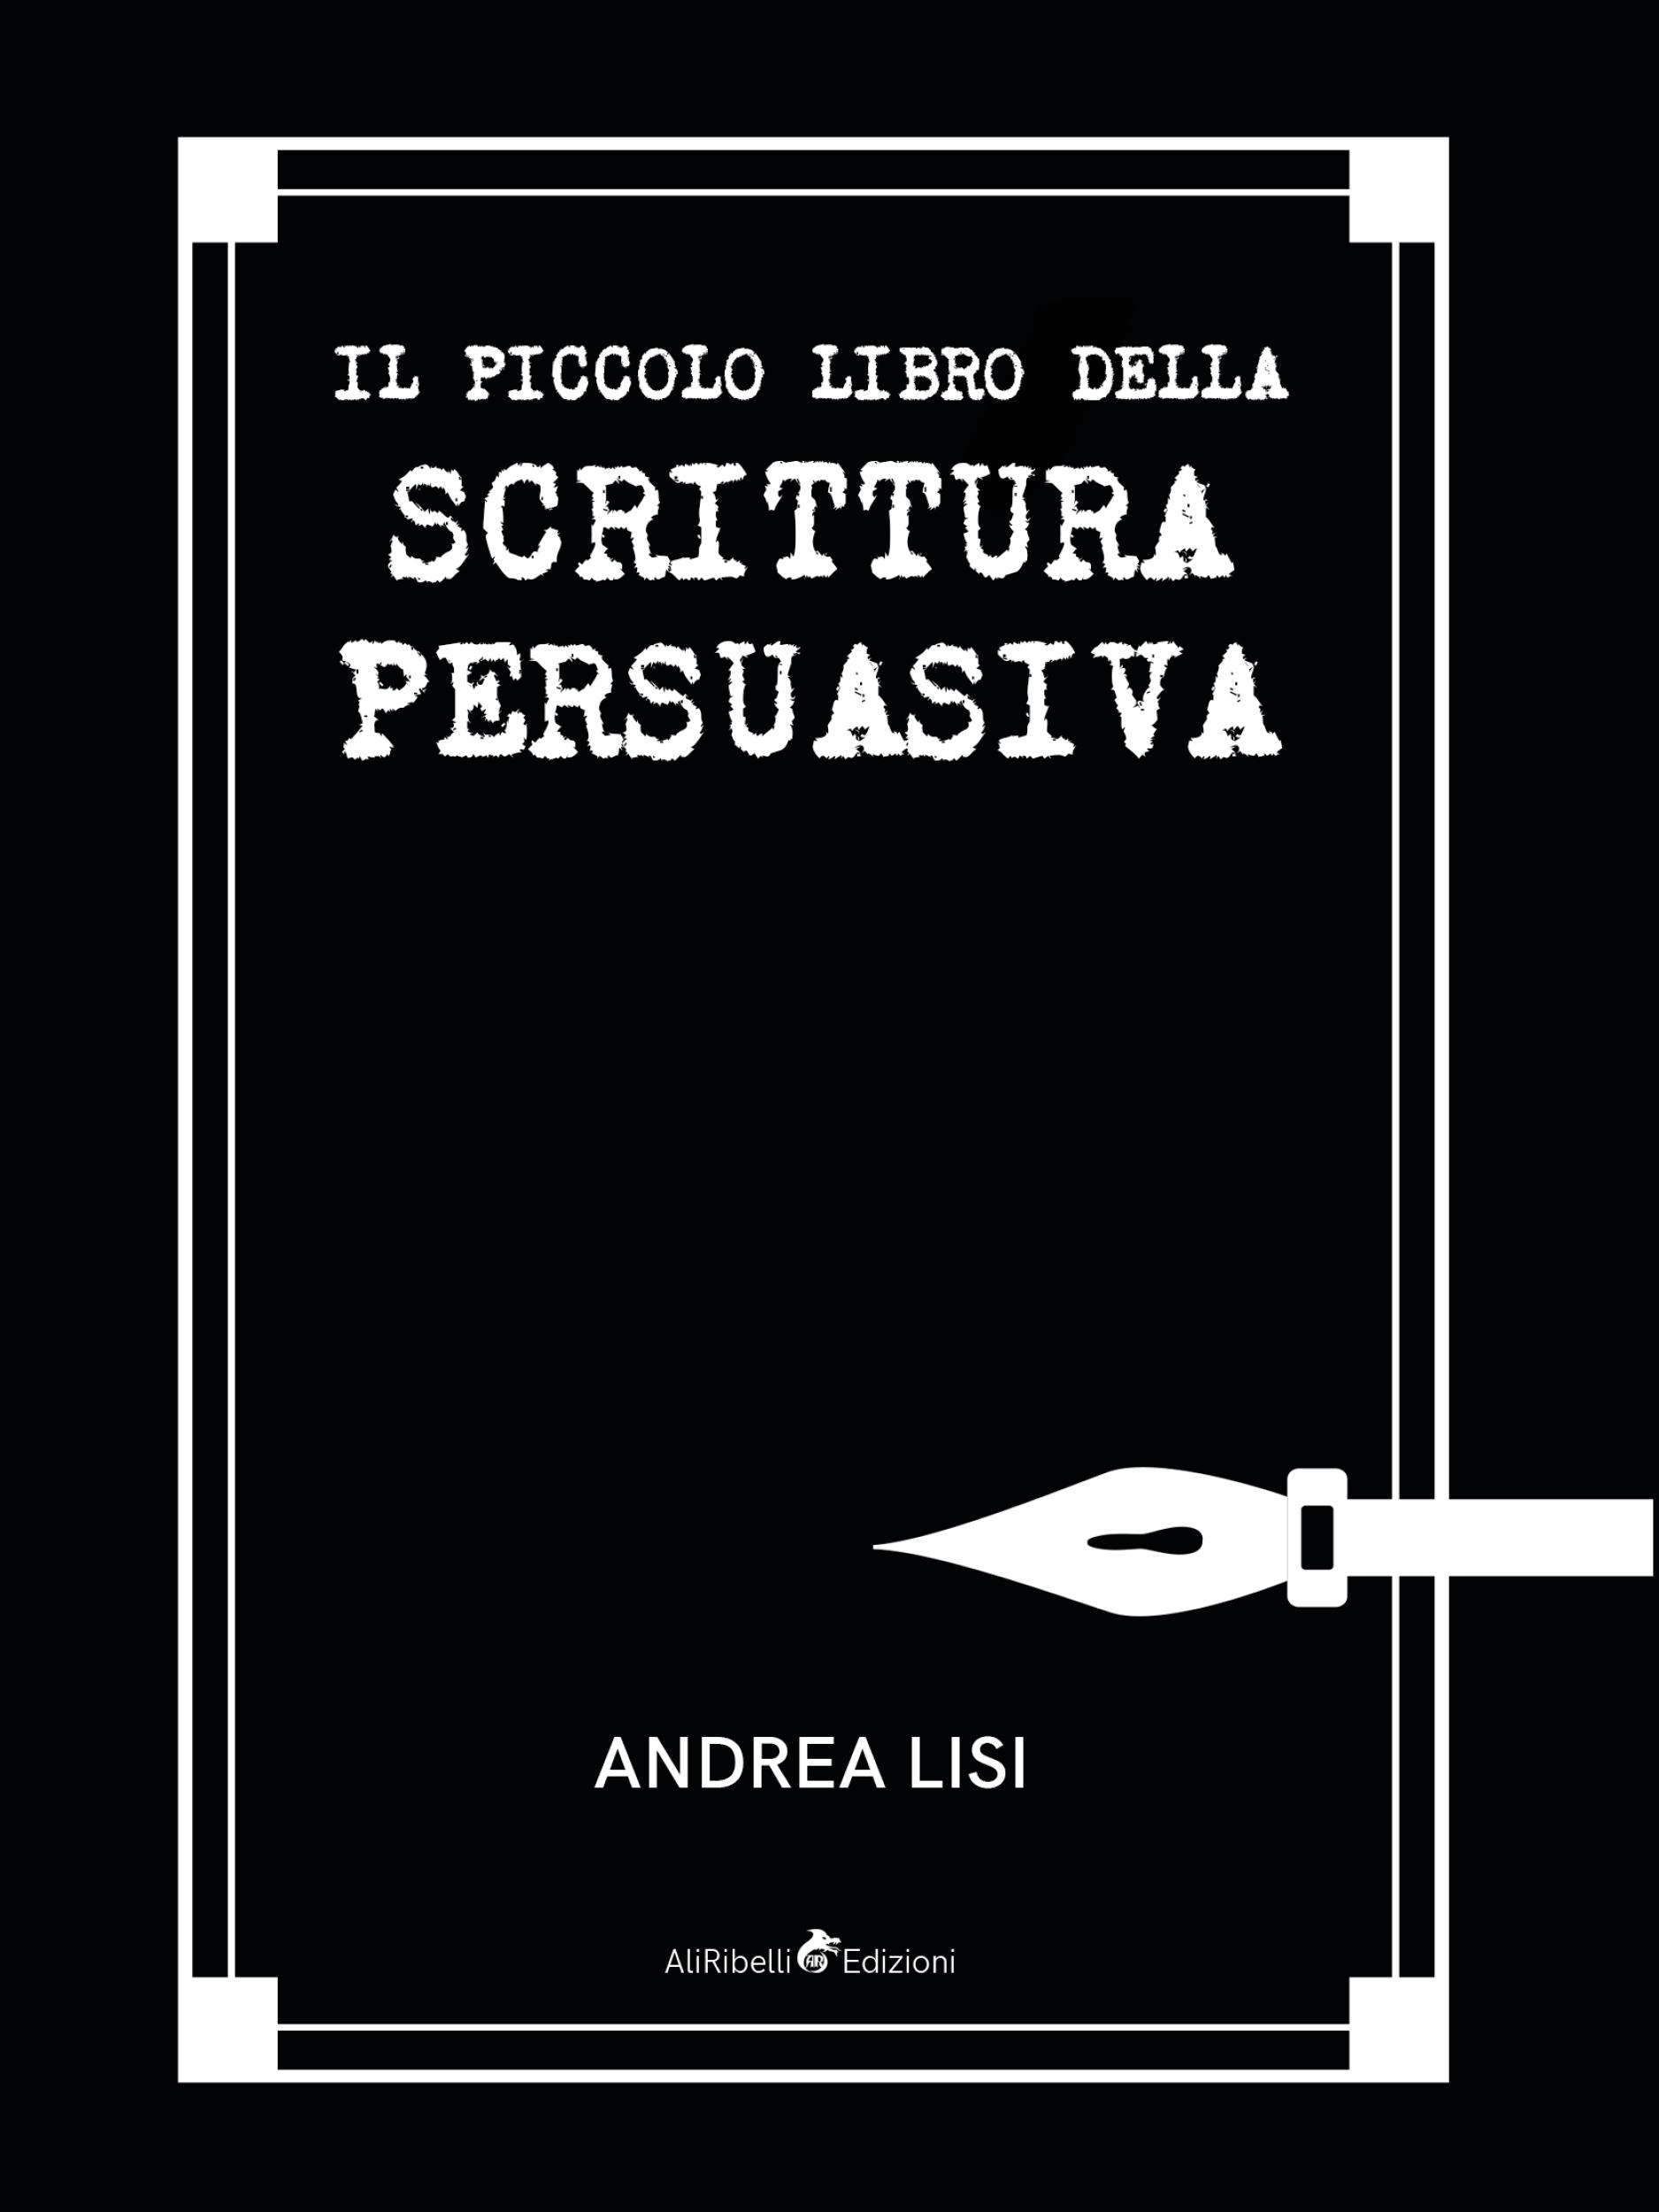 copertina del piccololibro della scrittura persuasiva di andrea lisi copywriter e scrittore